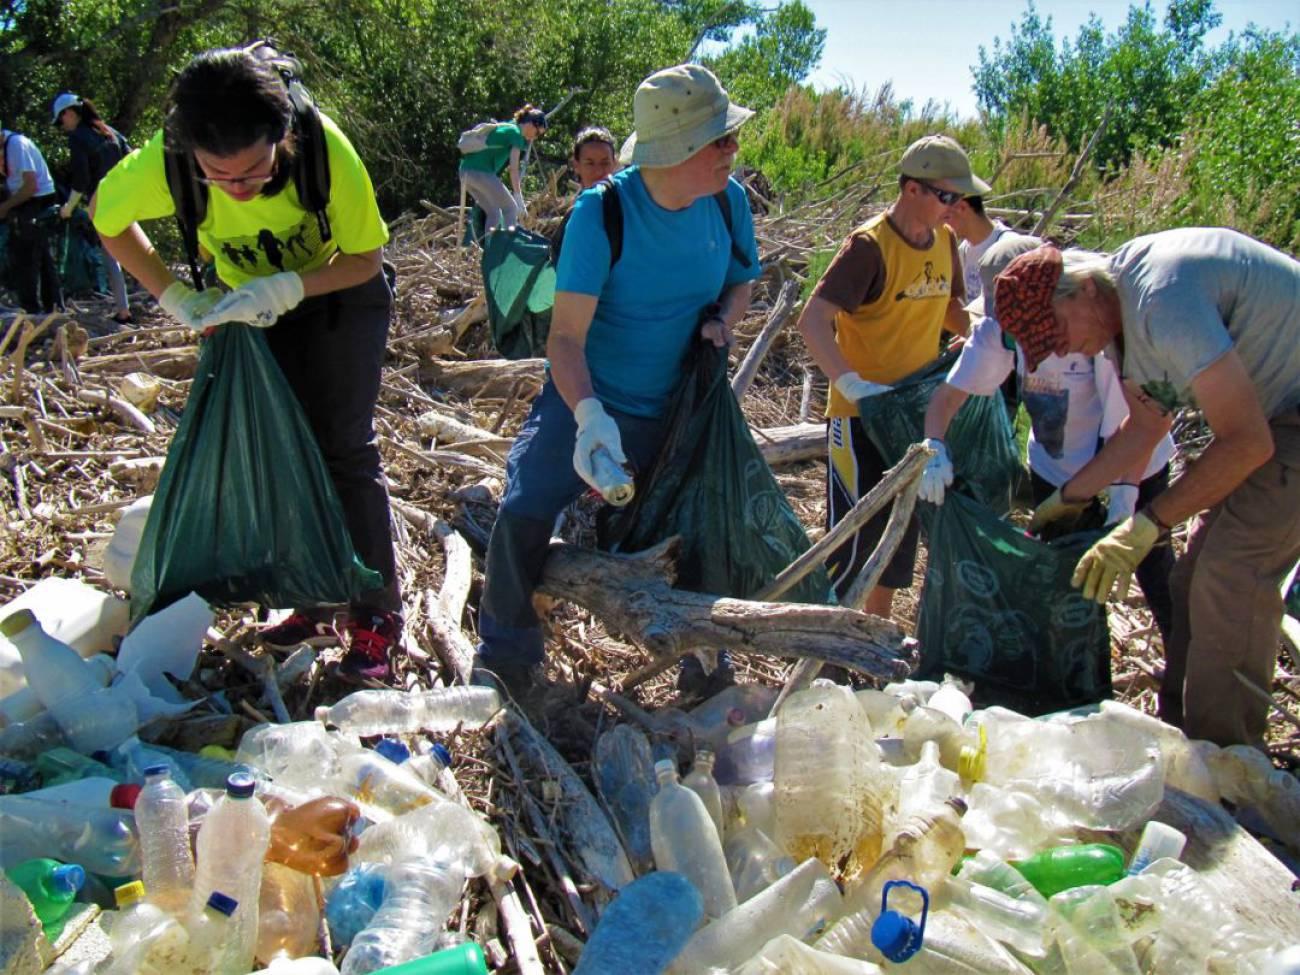 Voluntarios recogen cerca de 3.000 botellas de plástico en la ribera del Ebro